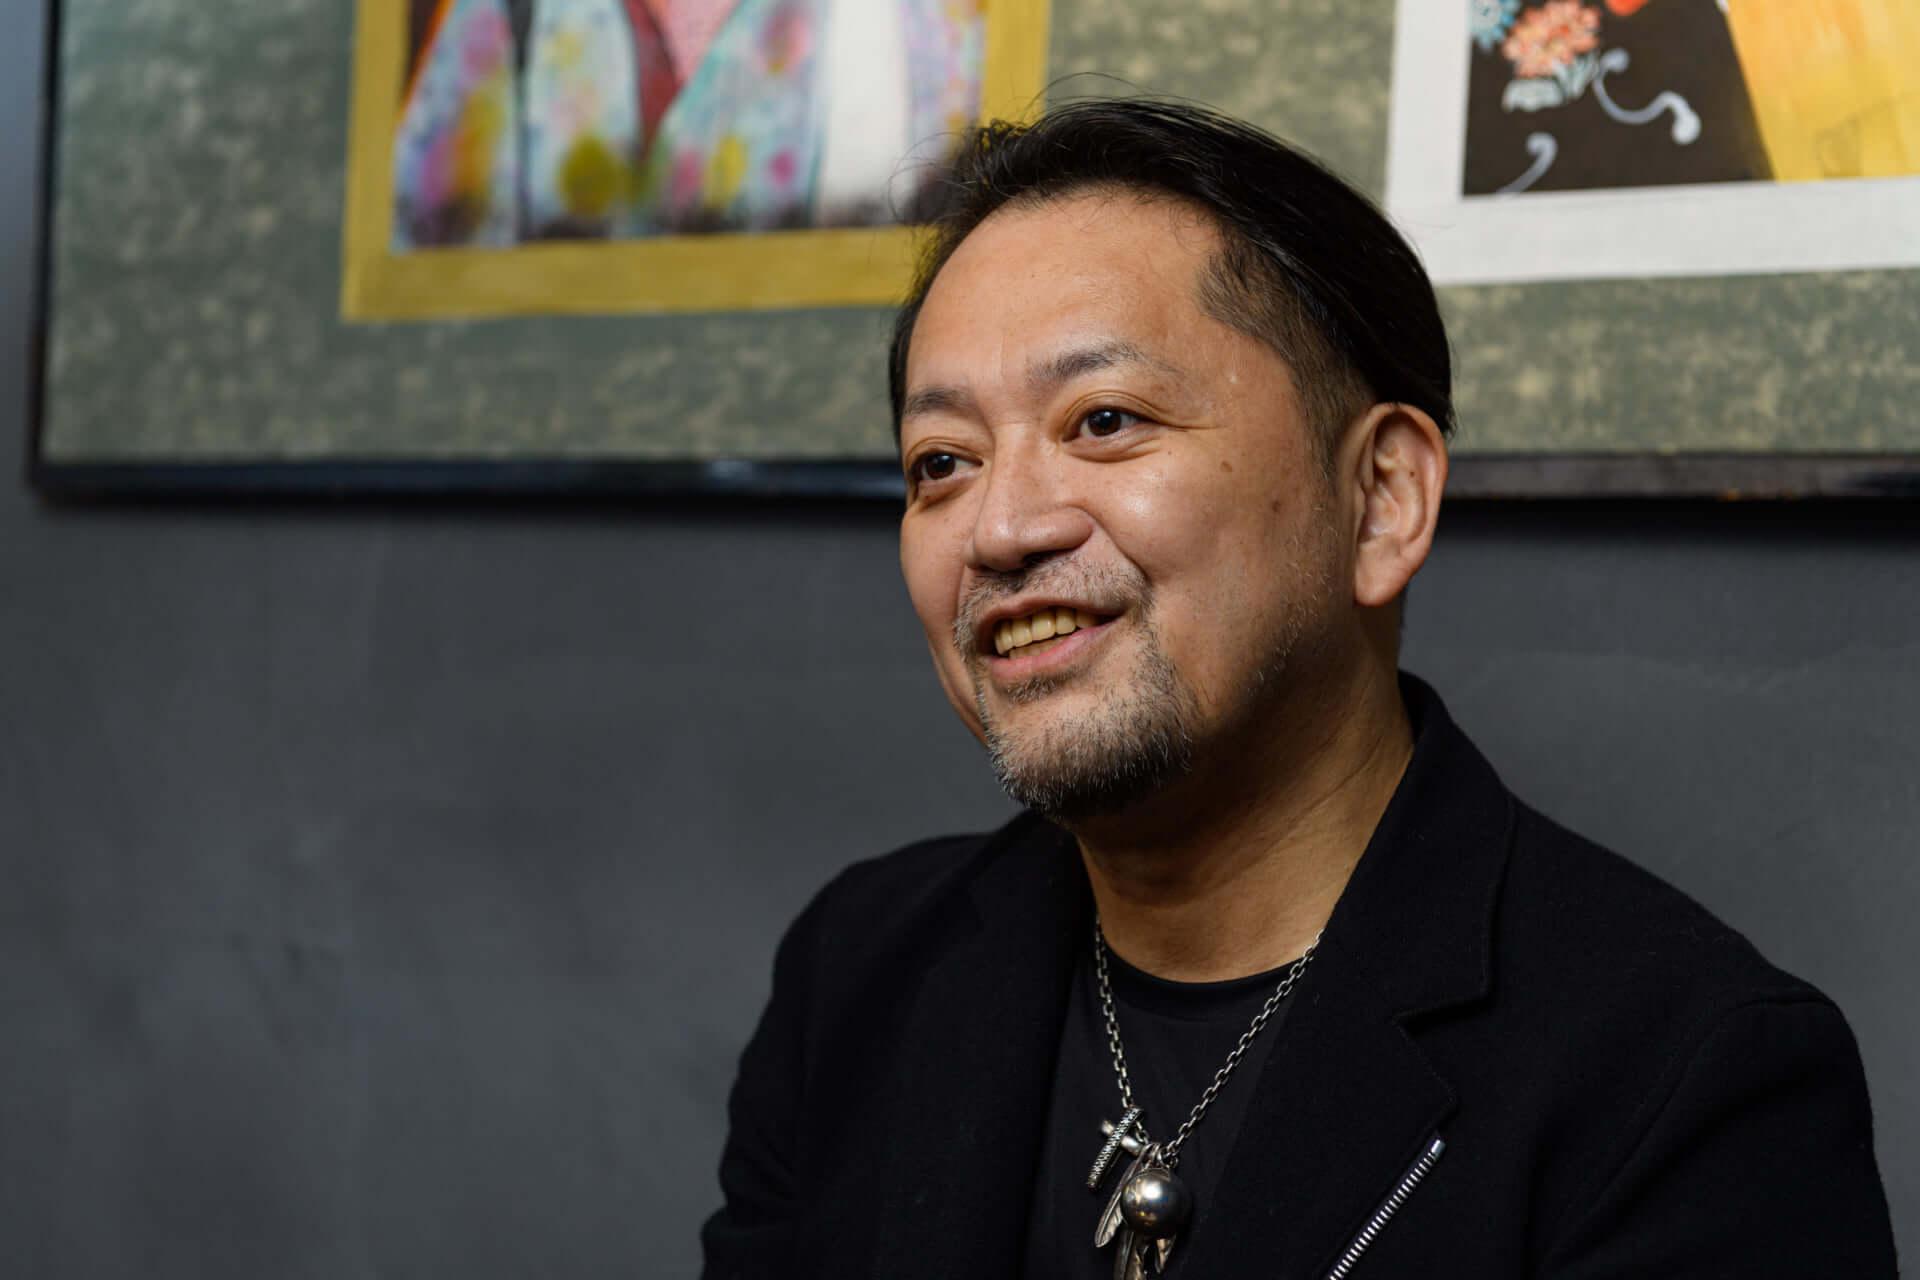 渋谷を中心にVISIONやContactなどのクラブやバーを経営する村田大造がプロデュースした新店舗 DJ BAR HEARTに迫る 200107_muratadaizo_03-1920x1280